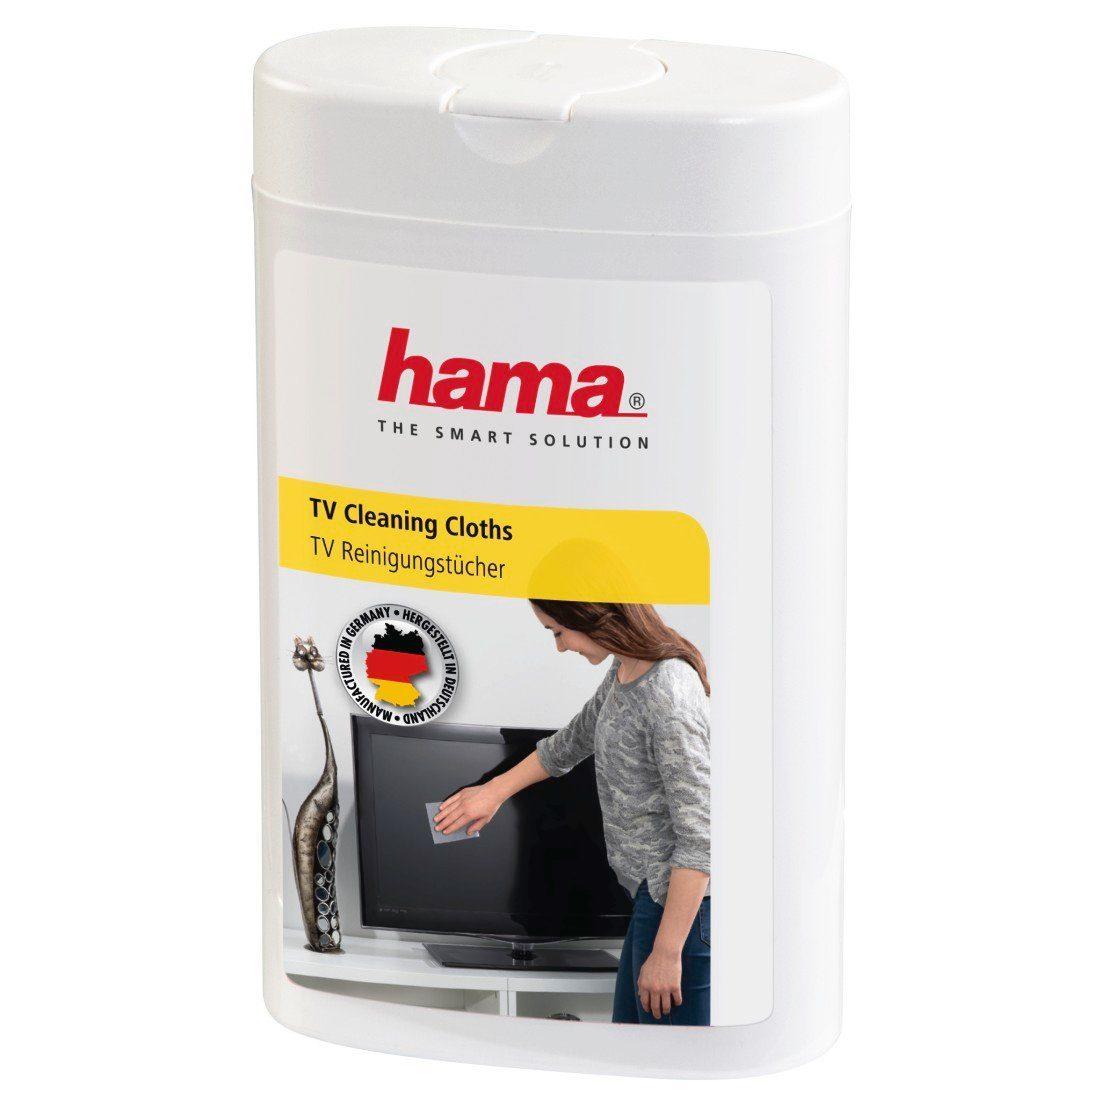 Hama TV-Reinigungstücher, 100 Stück, in ovaler Spenderdose